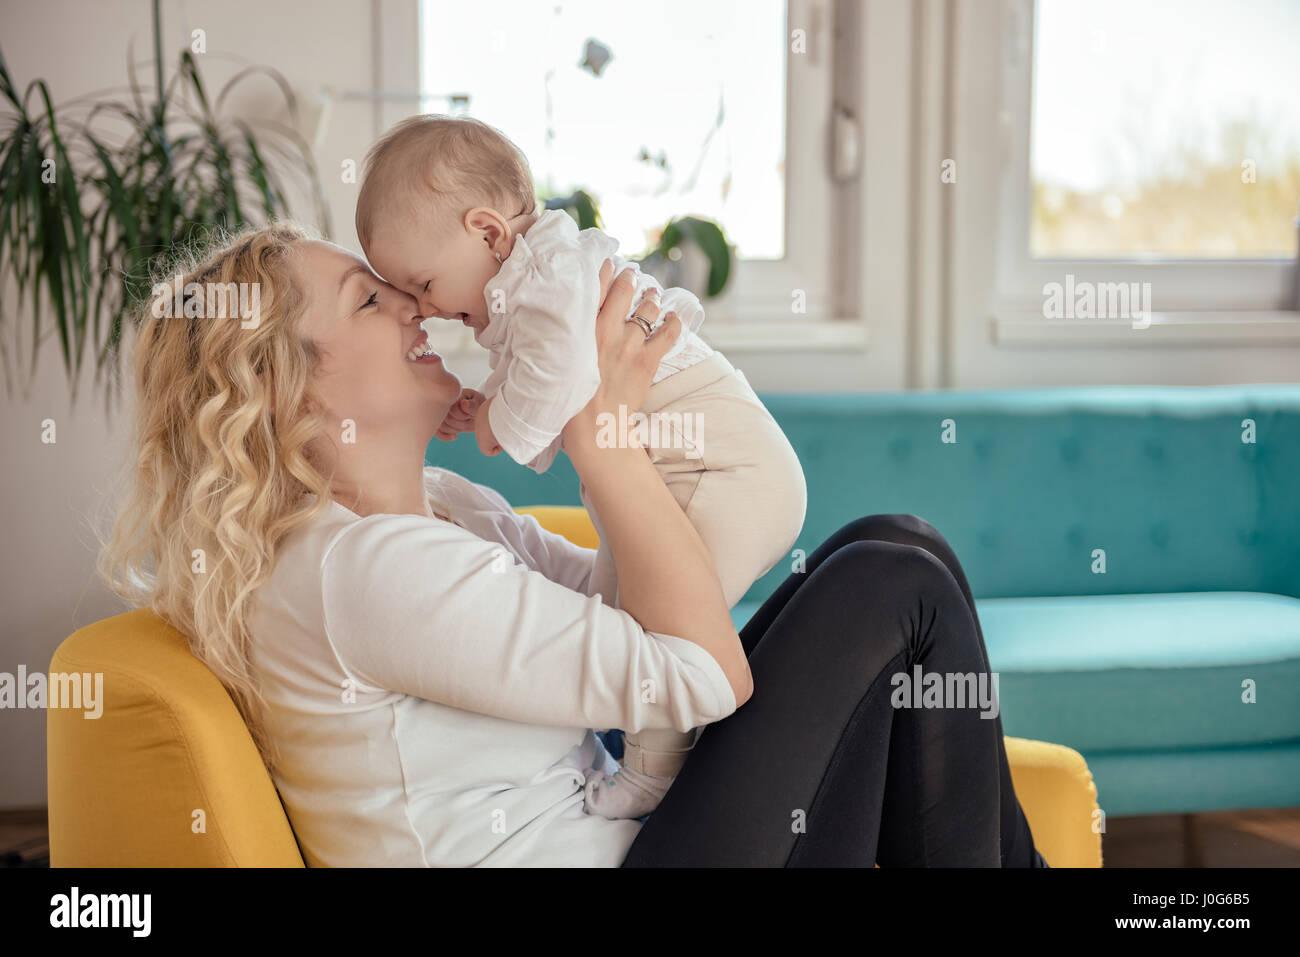 La madre e il suo bambino testa a testa seduto in poltrona di colore giallo Immagini Stock